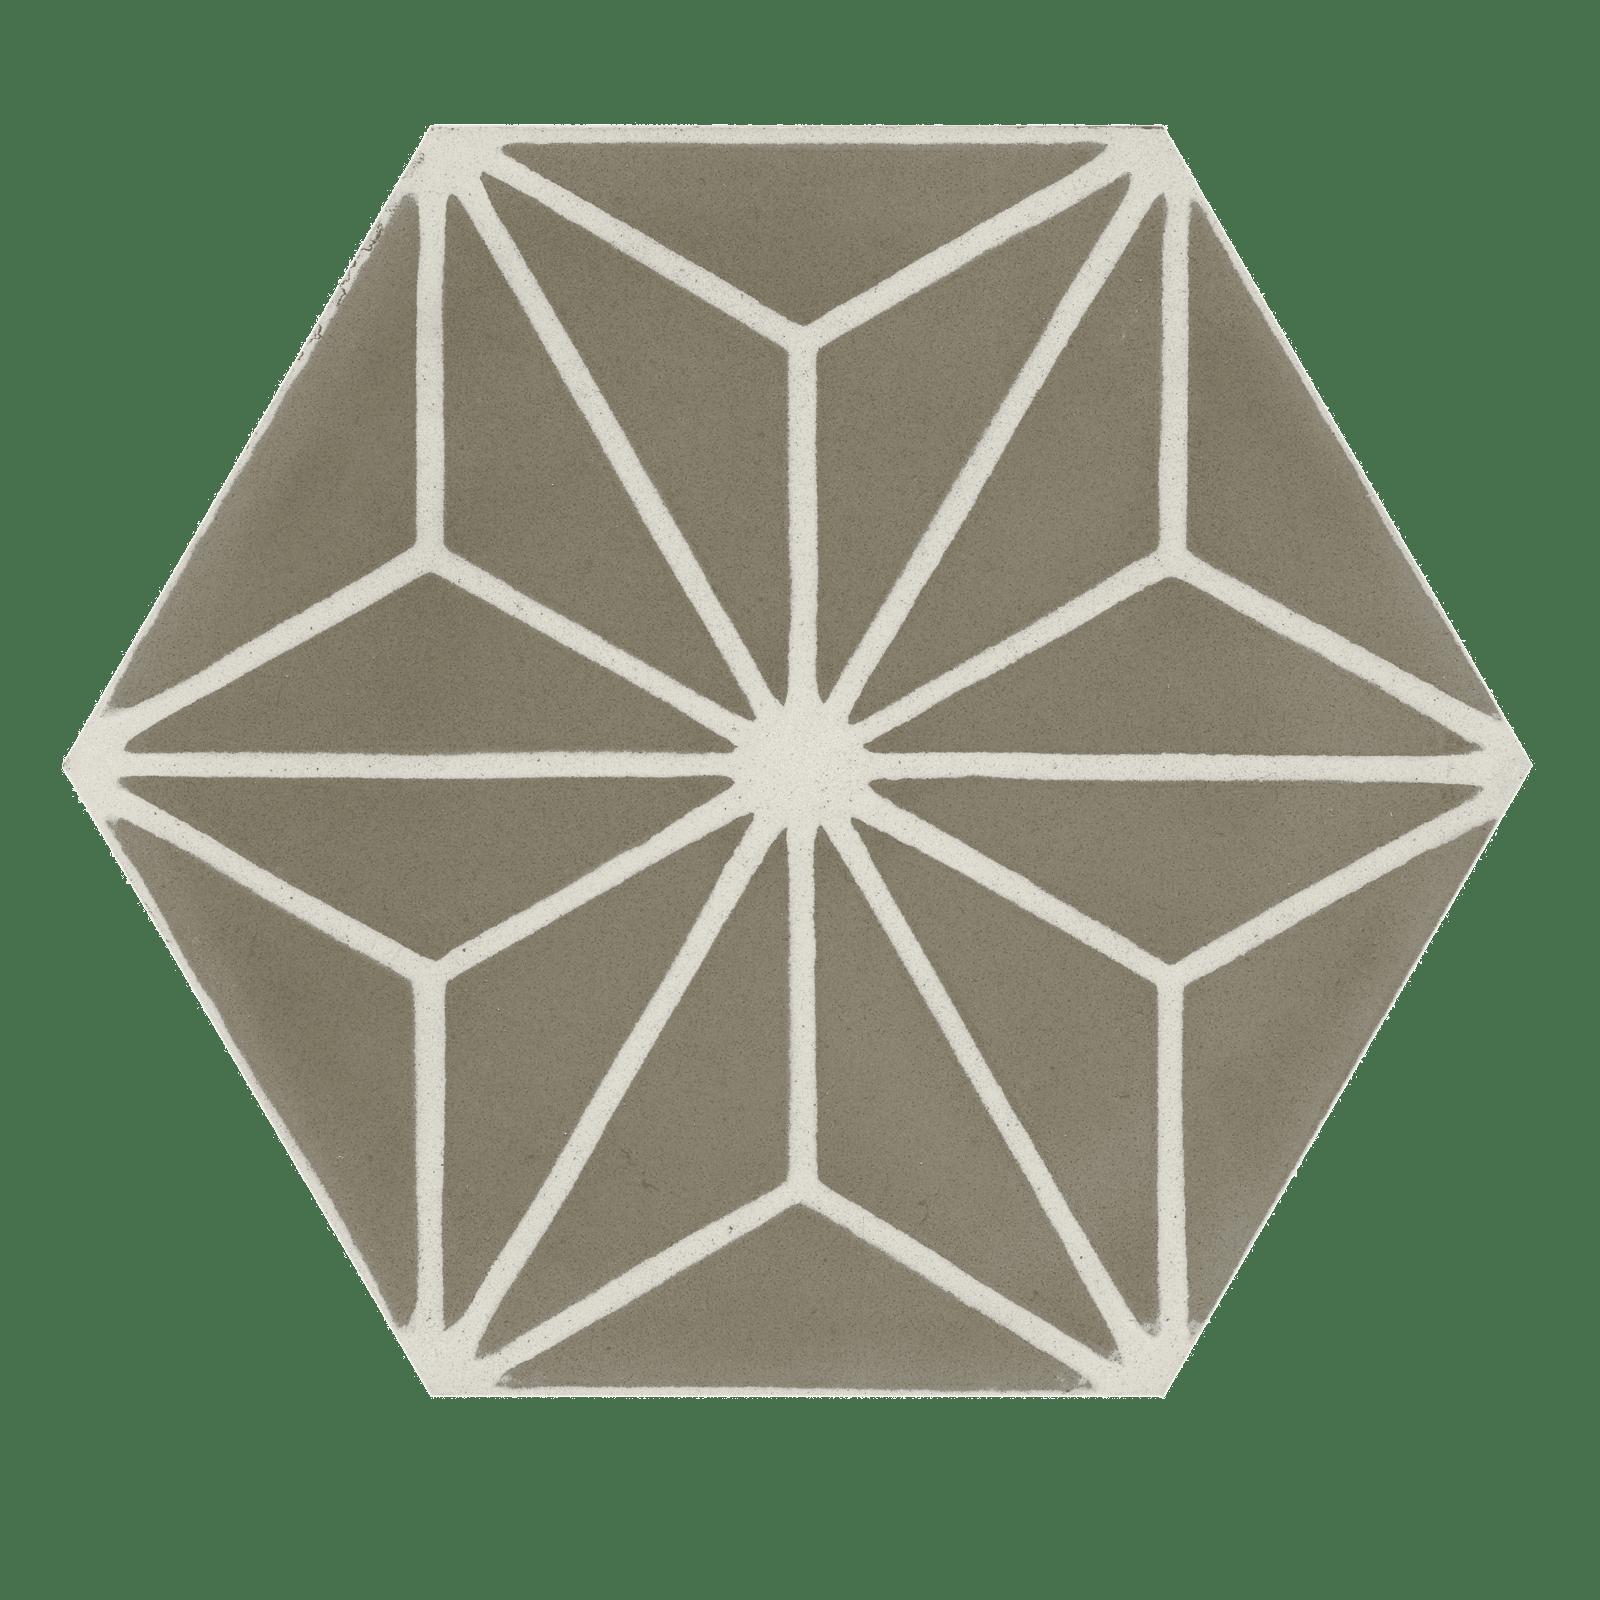 zementmosaikfliesen-nummer-600654-viaplatten | 600654